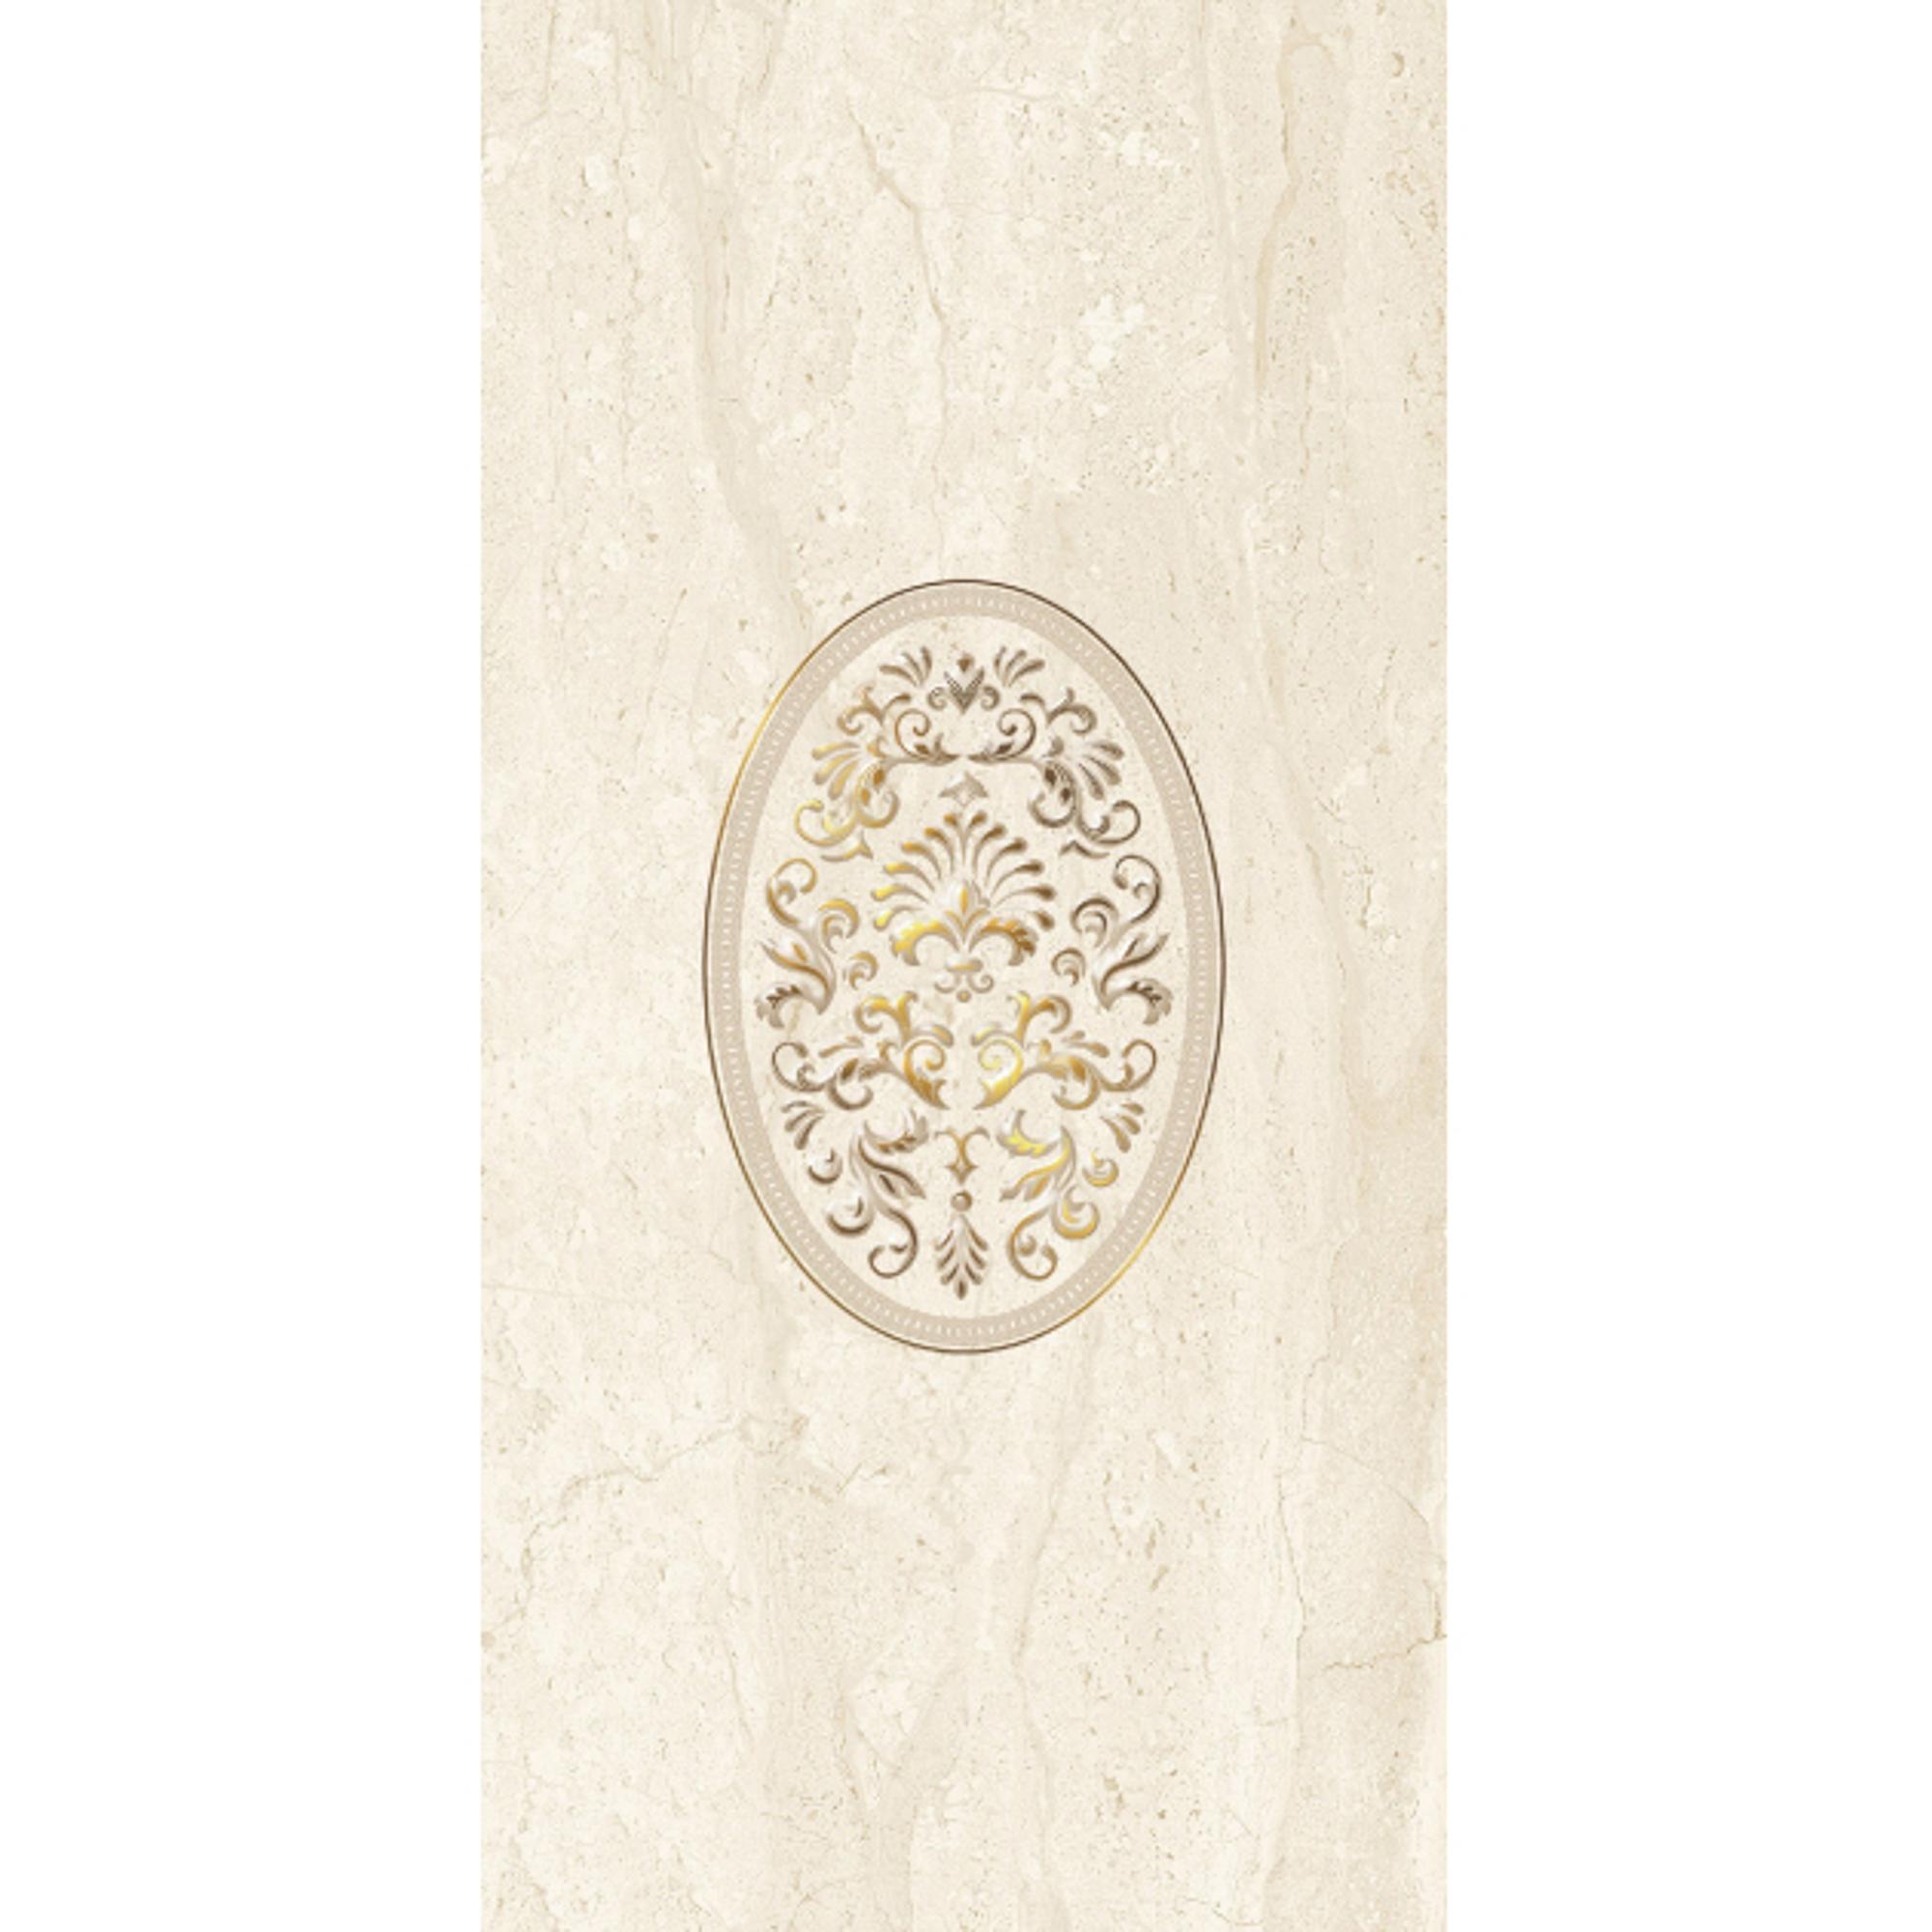 Купить Декор Kerlife Olimpia D'arte Crema 31, 5x63 см, декор, Россия, бежевый, керамика